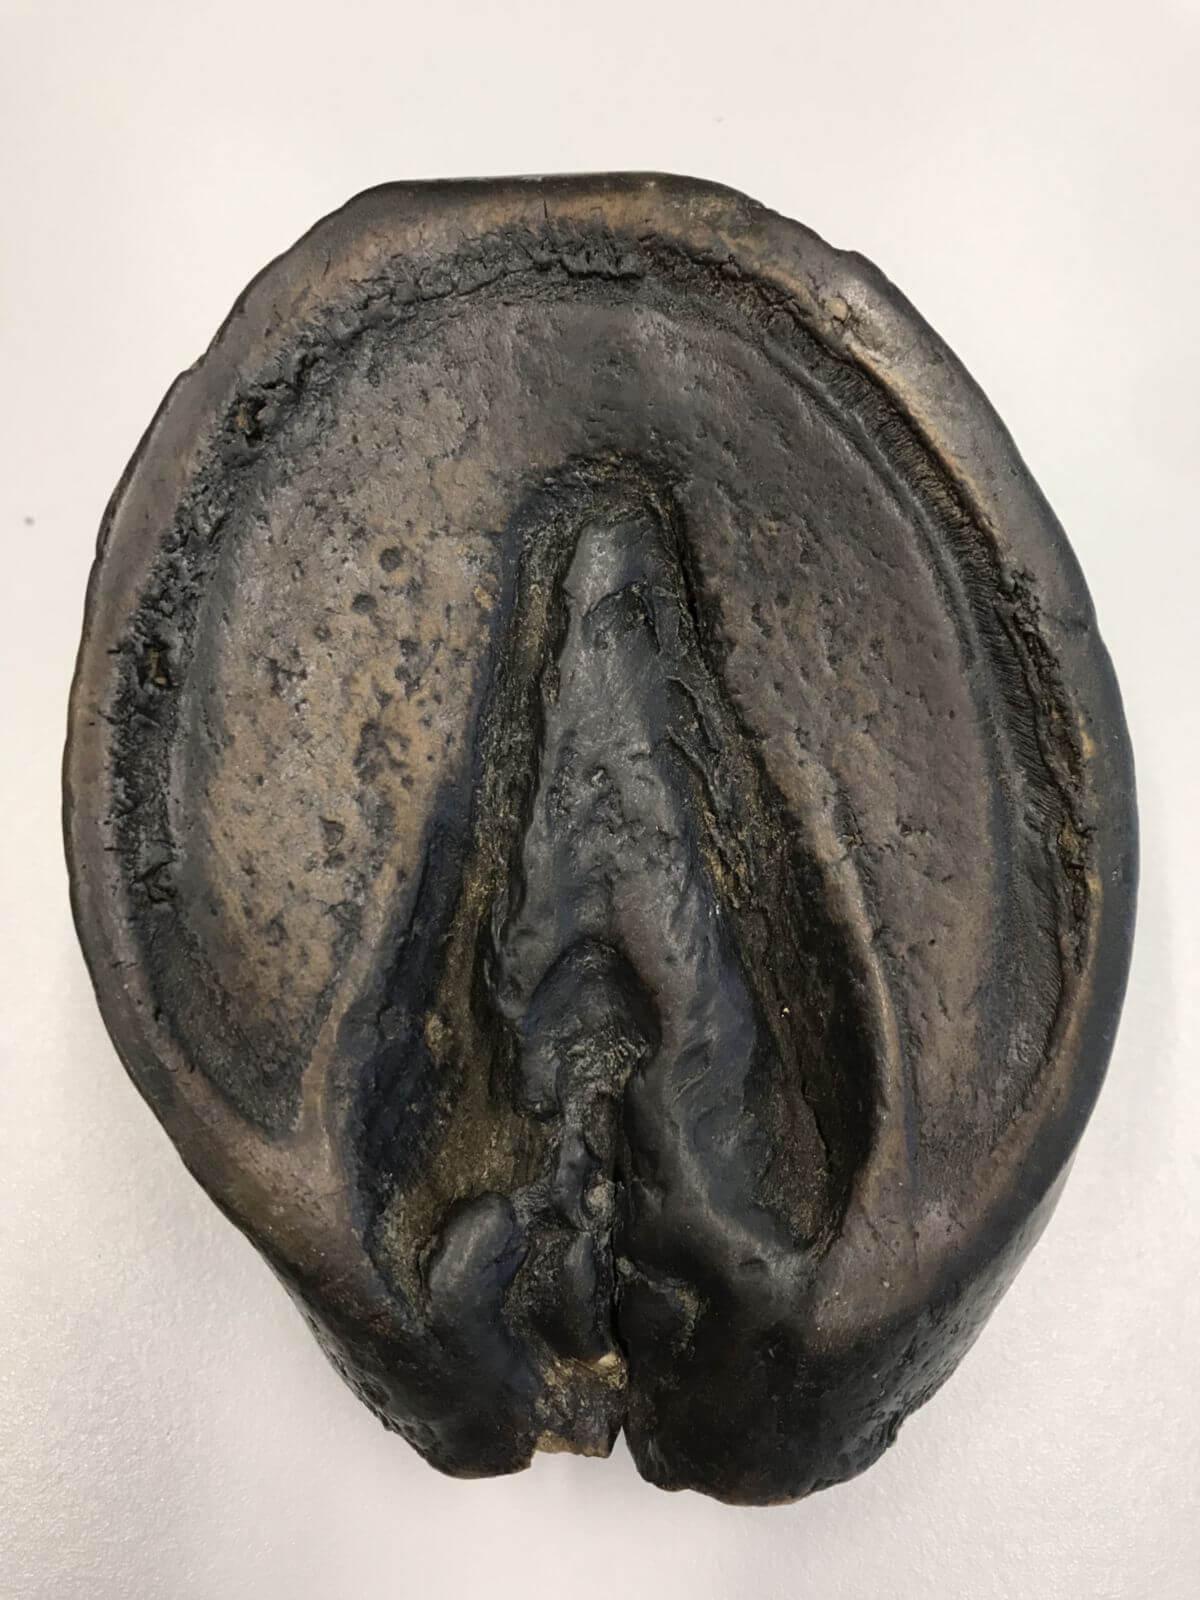 Trachtenzwanghuf (Sohlenfläche)